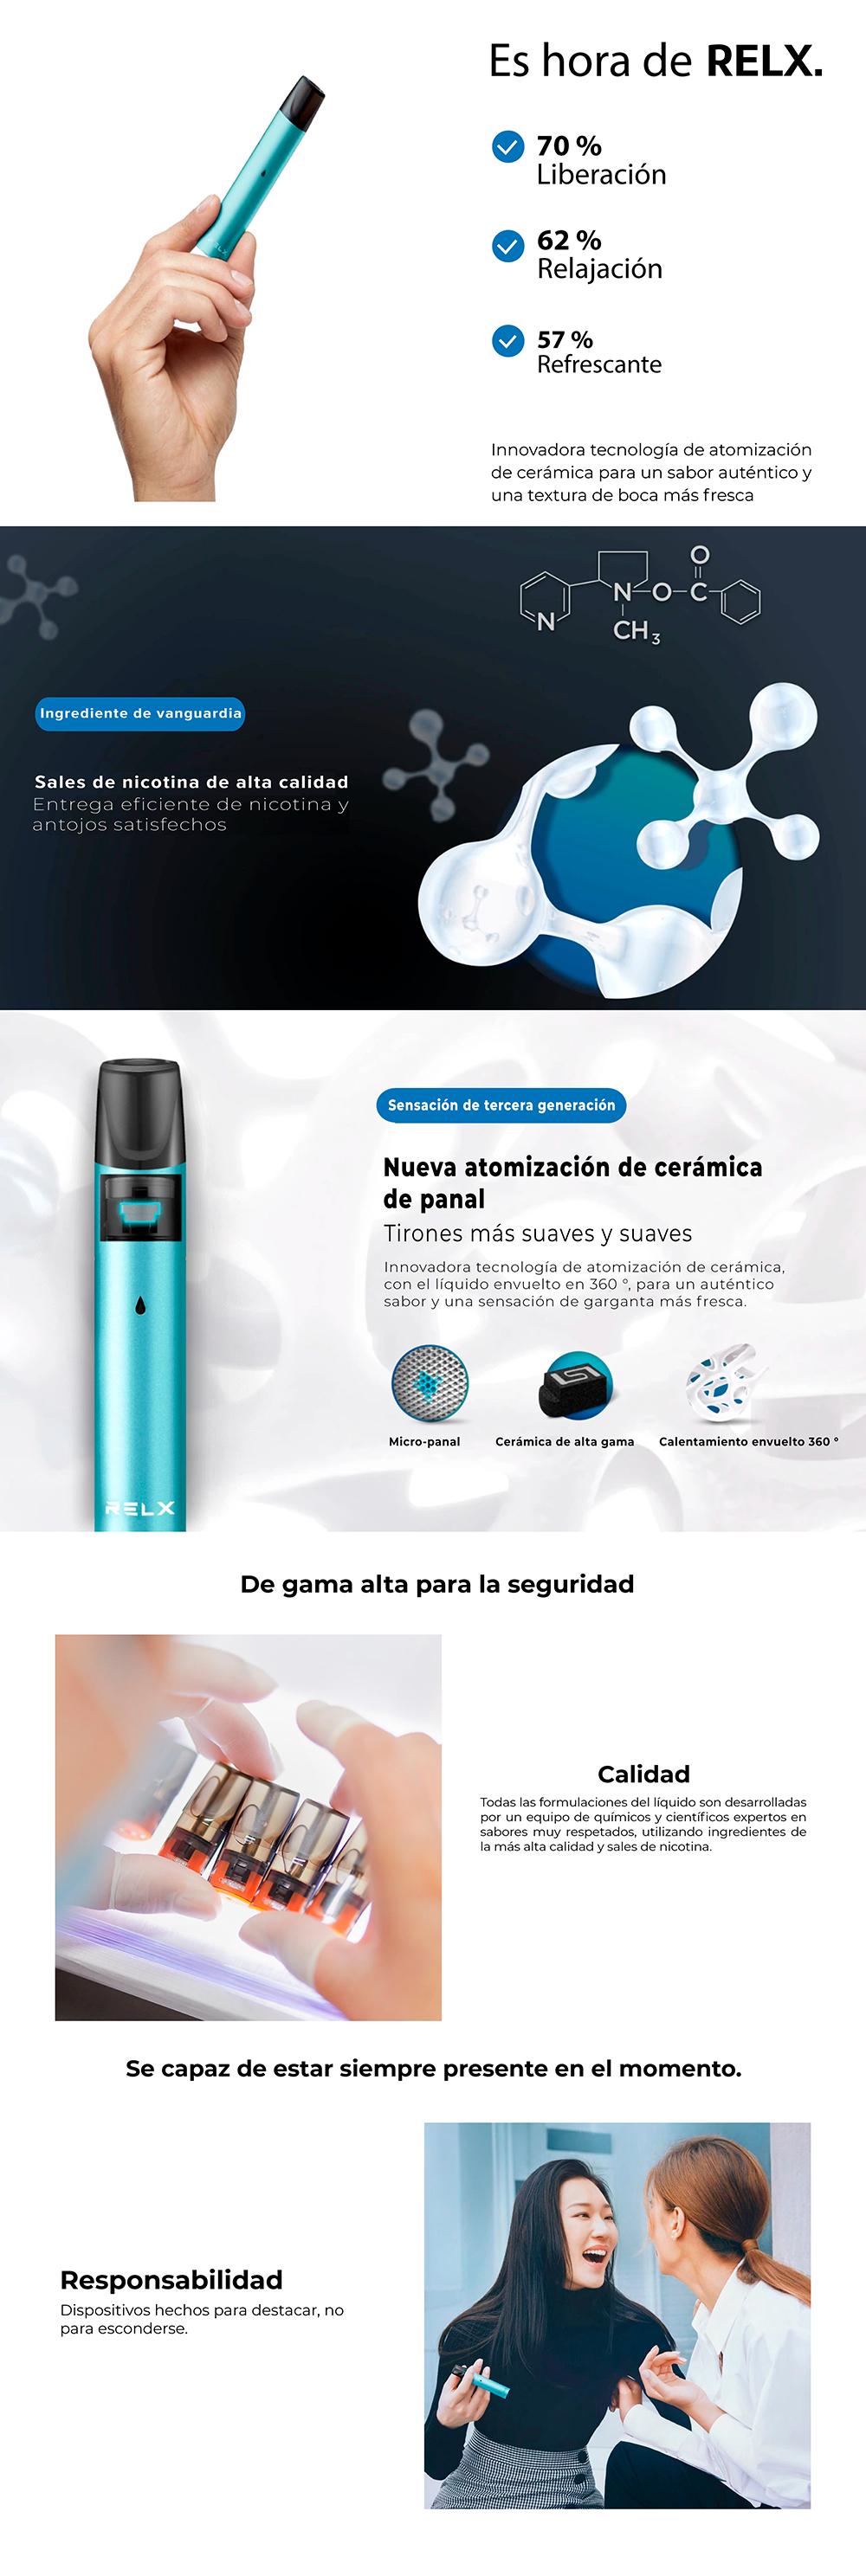 RELX Starter Kit Clasic - Vapeador